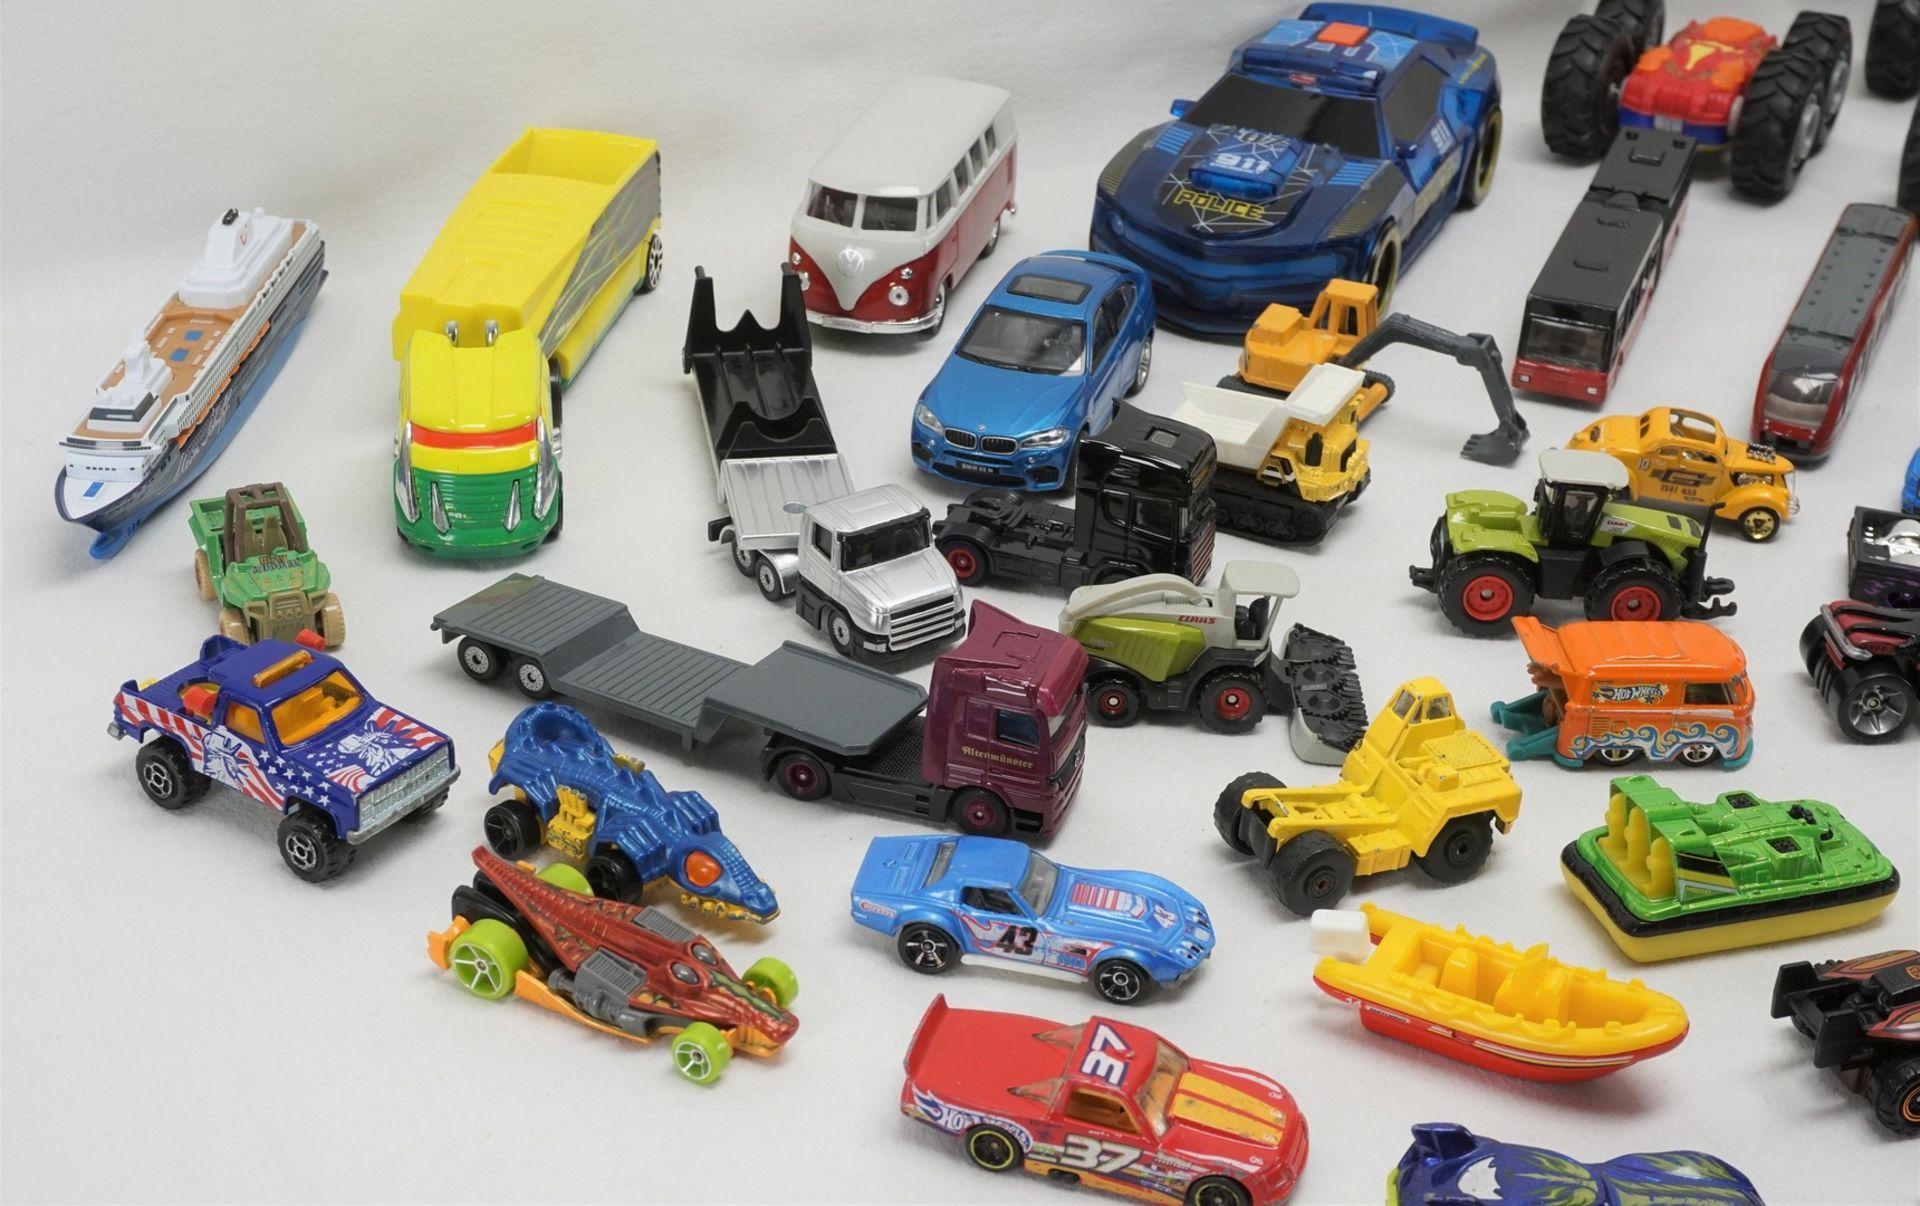 67 Modellfahrzeuge - Bild 3 aus 4